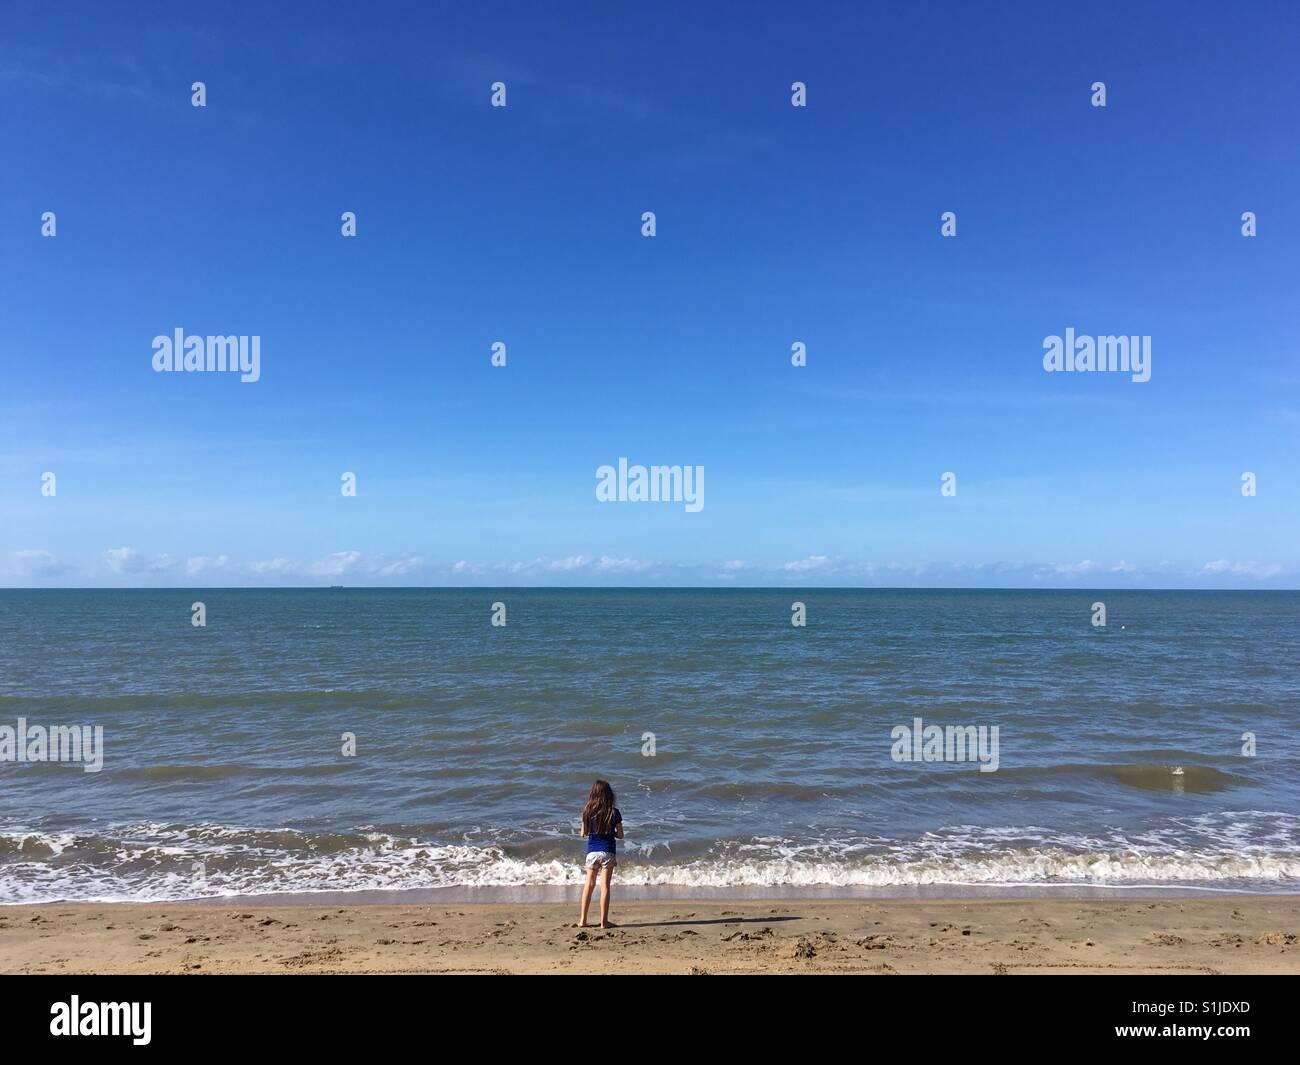 Petite fille à regarder l'horizon sur une plage. Photo Stock